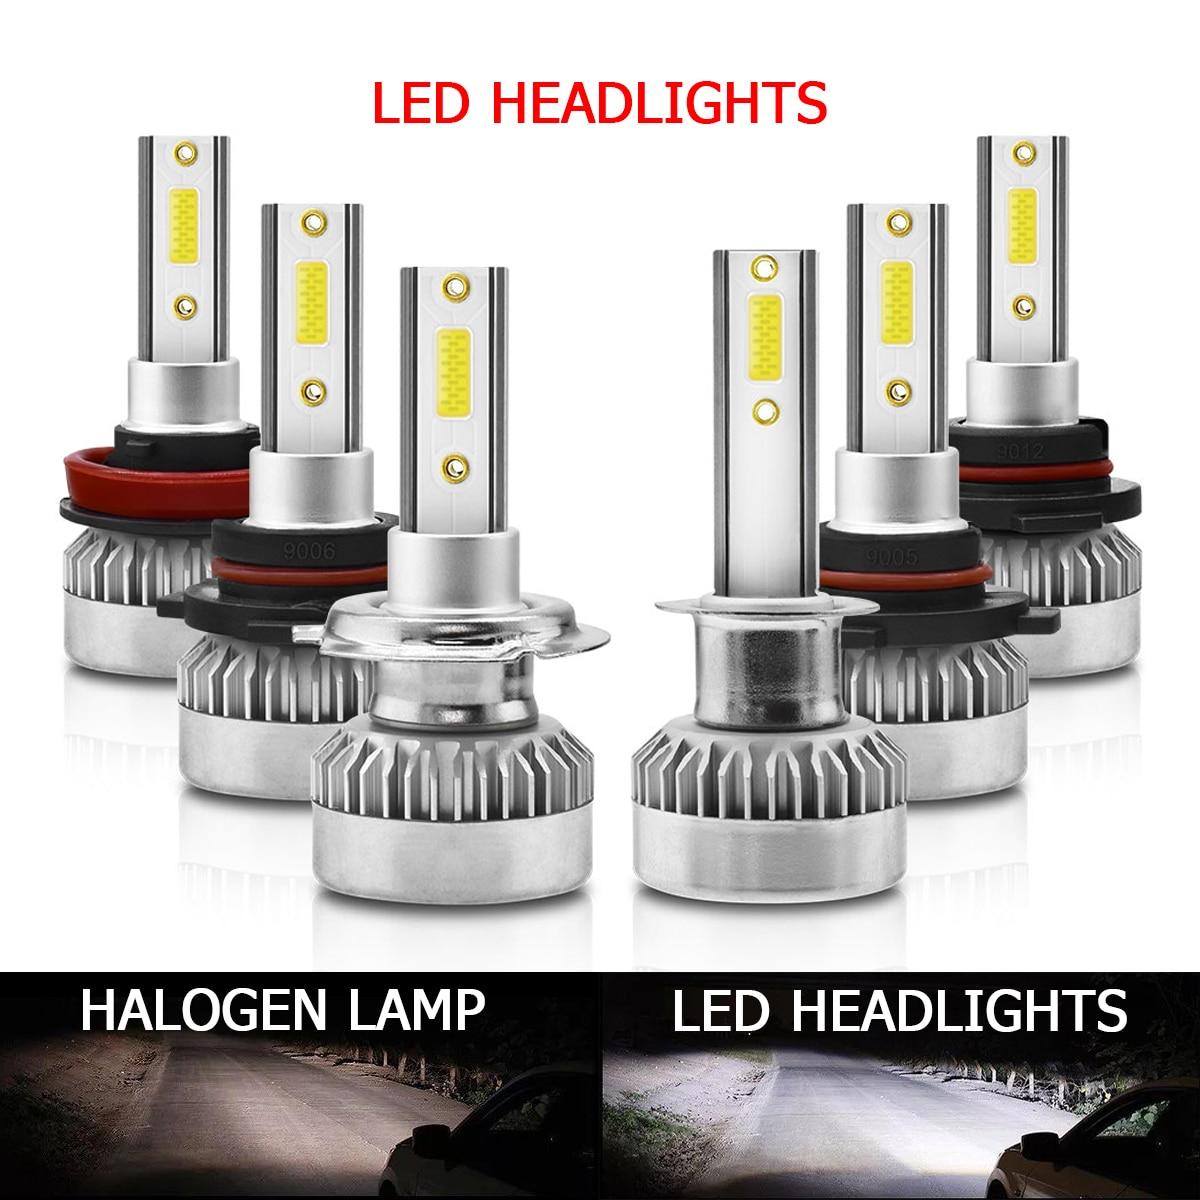 2 шт., автомобильные фары, лампы H7, фары H1 H11 H8 H9 9006 HB4 H4 9005 9012 светодиодный лампы с чипом CSP, 6000 лм, Автомобильные противотуманные фары K